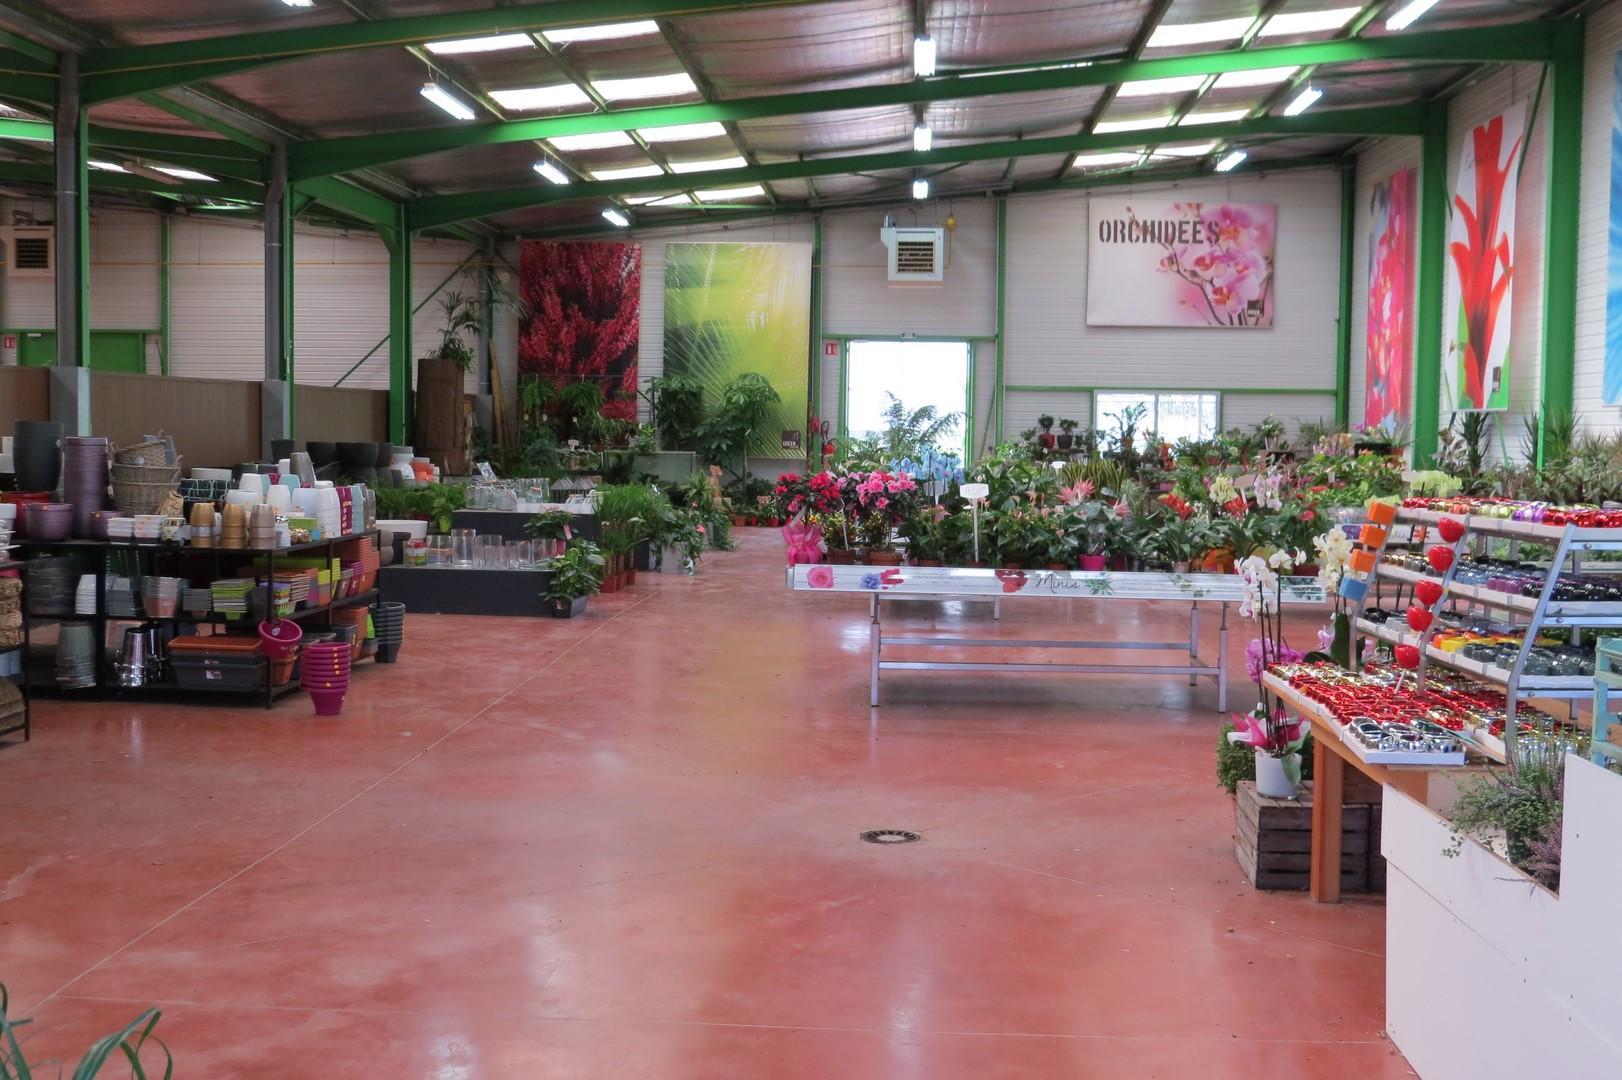 l'espace interieur / potées fleuries